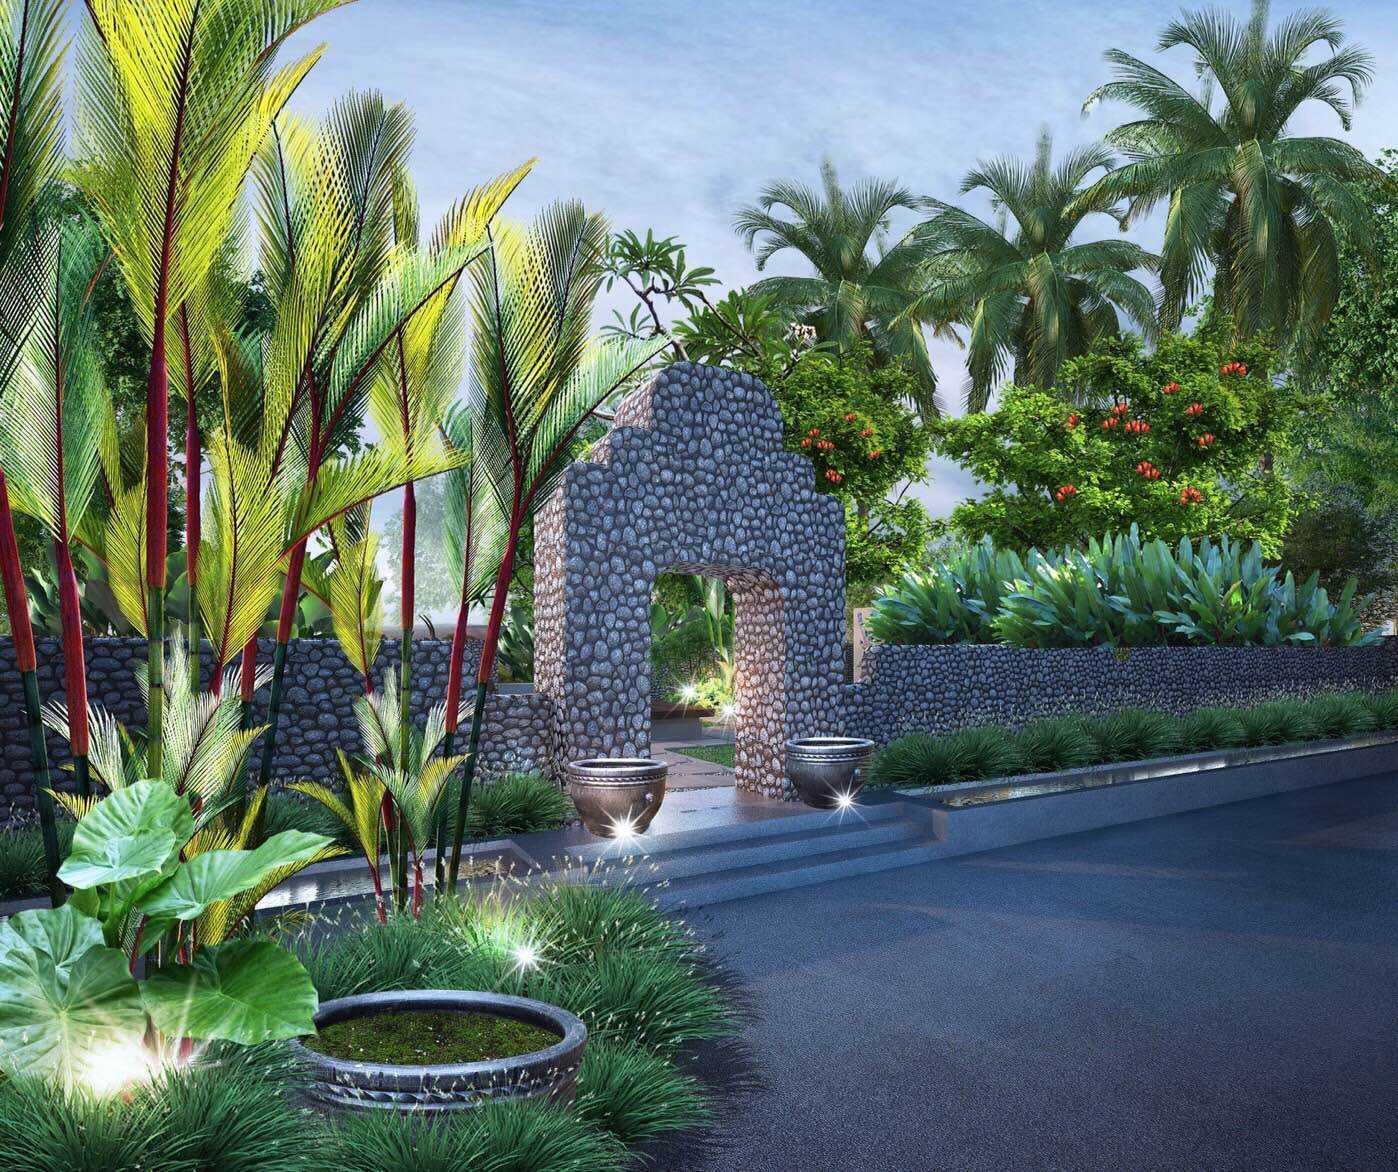 Jasa Kontraktor Alash.StudioBali di Bali